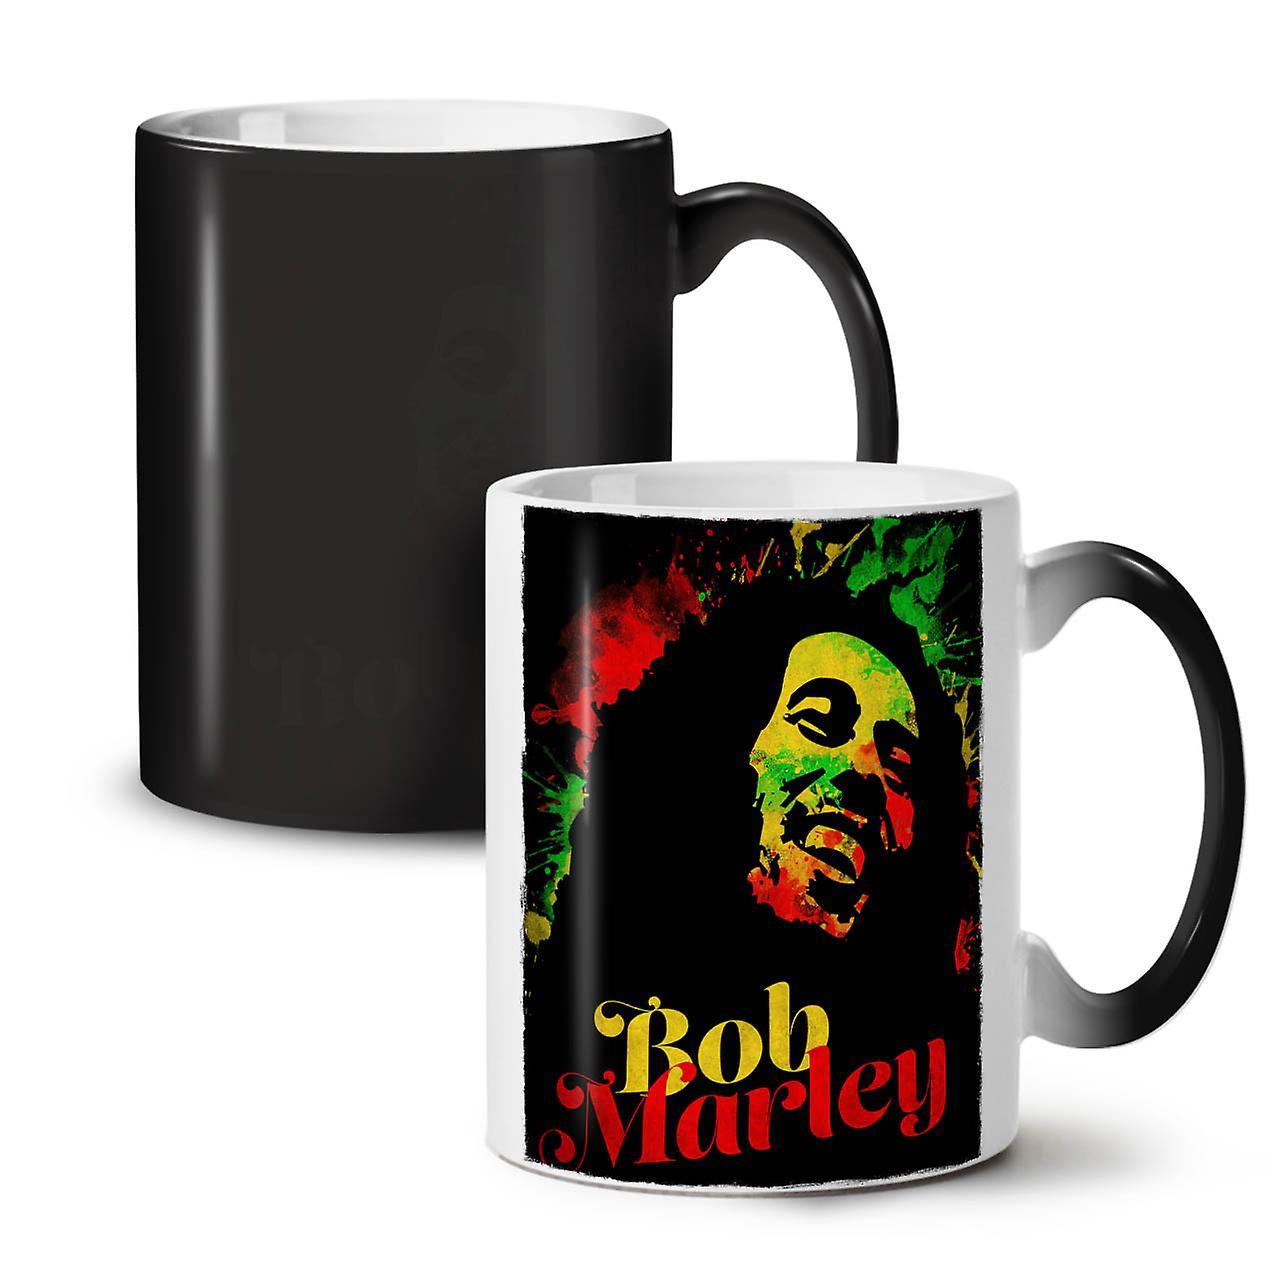 Couleur Tasse Bob OzWellcoda 11 Herbes Café Mauvaises Rasta Nouvelle Marley Changeant Céramique Thé Noir nvwmN08